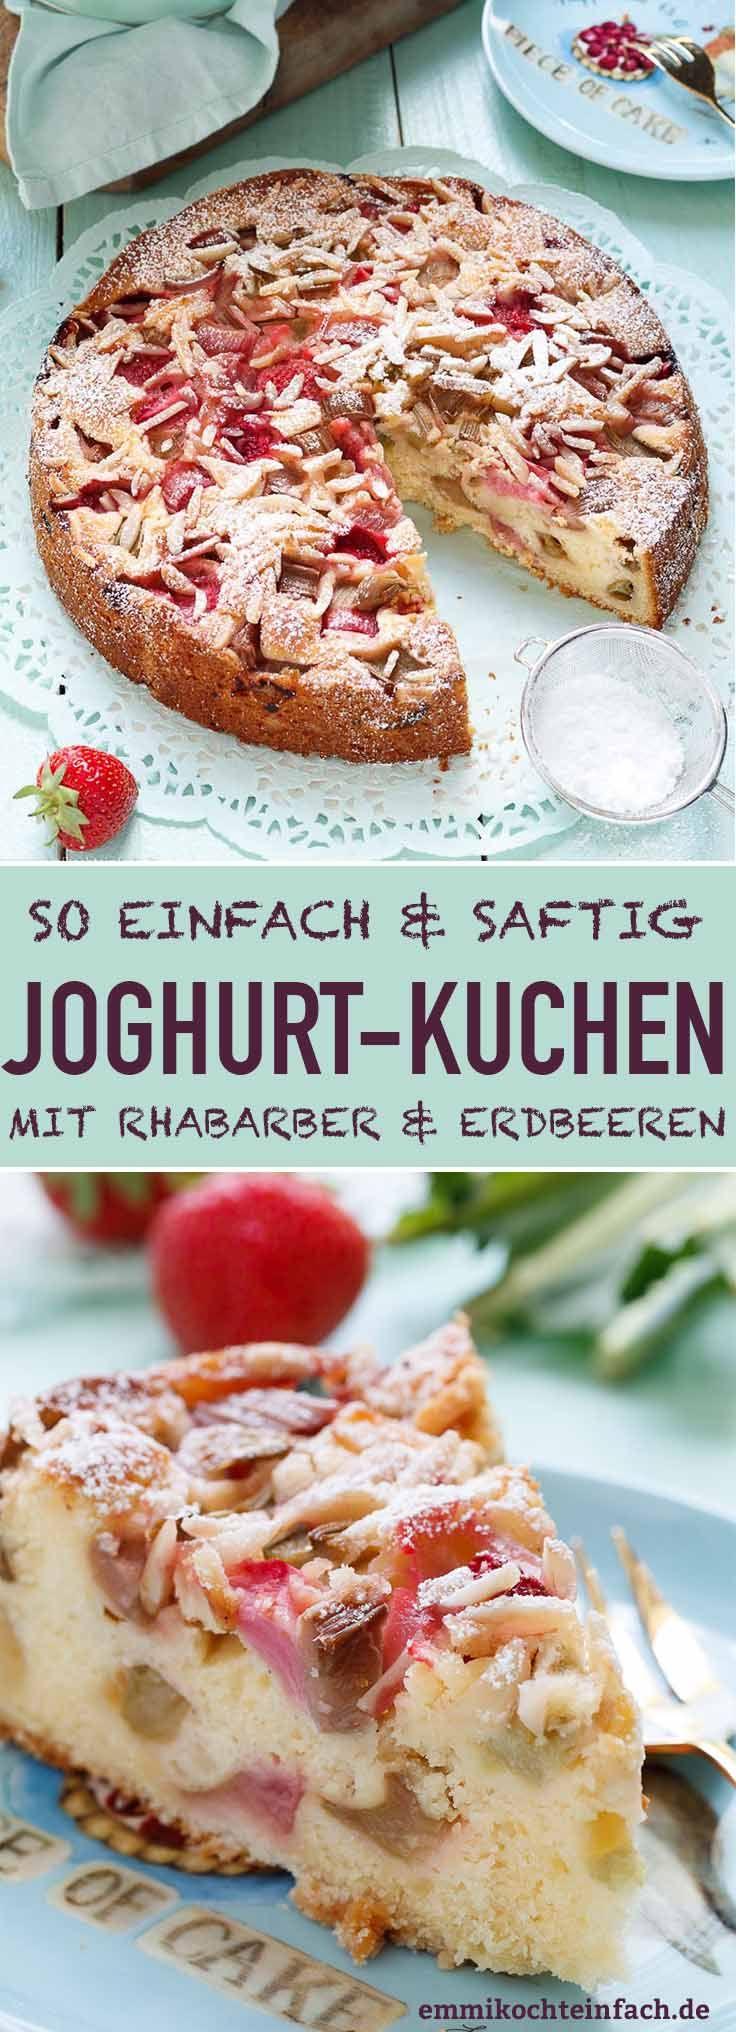 Joghurtkuchen mit Rhabarber und Erdbeeren Ein einfaches Kuchenrezept mit …   – emmikochteinfach – Der Food-Blog mit einfachen Rezepten, die gelingen